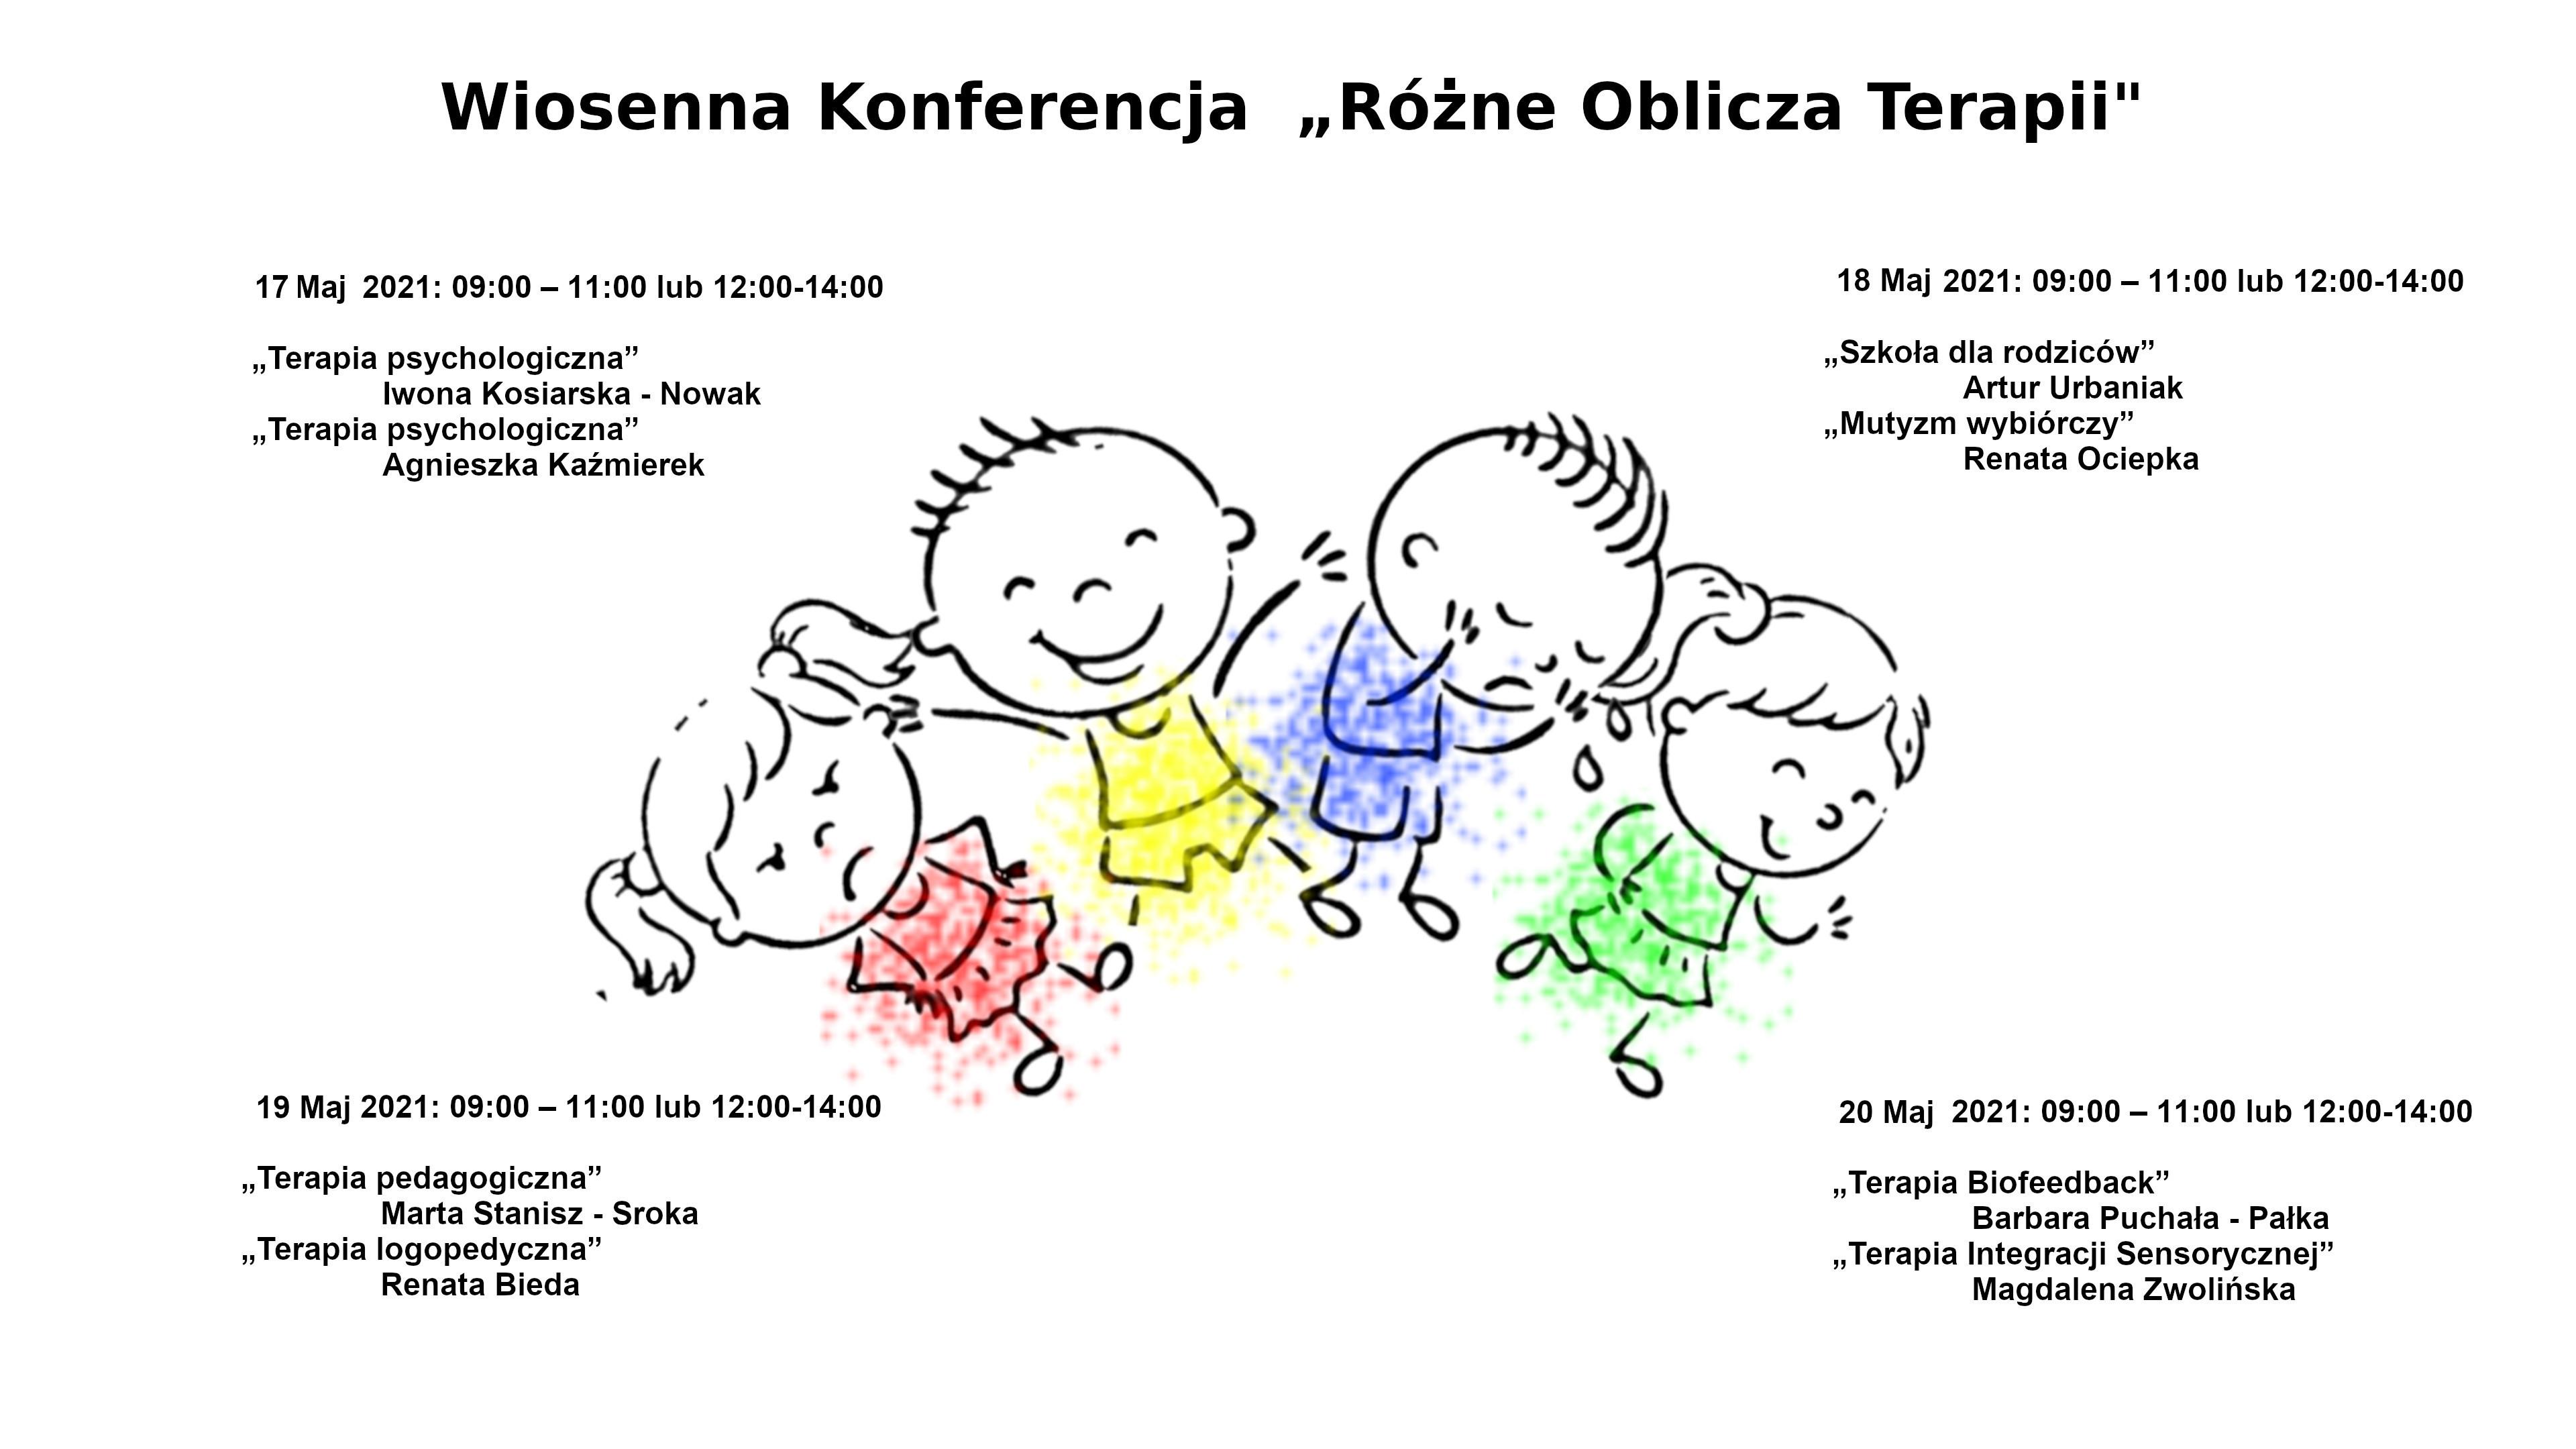 """Poradnia Psychologiczno - Pedagogiczna ZAPRASZA na Konferencję """"Różne Oblicza Terapii"""" w dniach 17-20 Maja 2021 roku"""